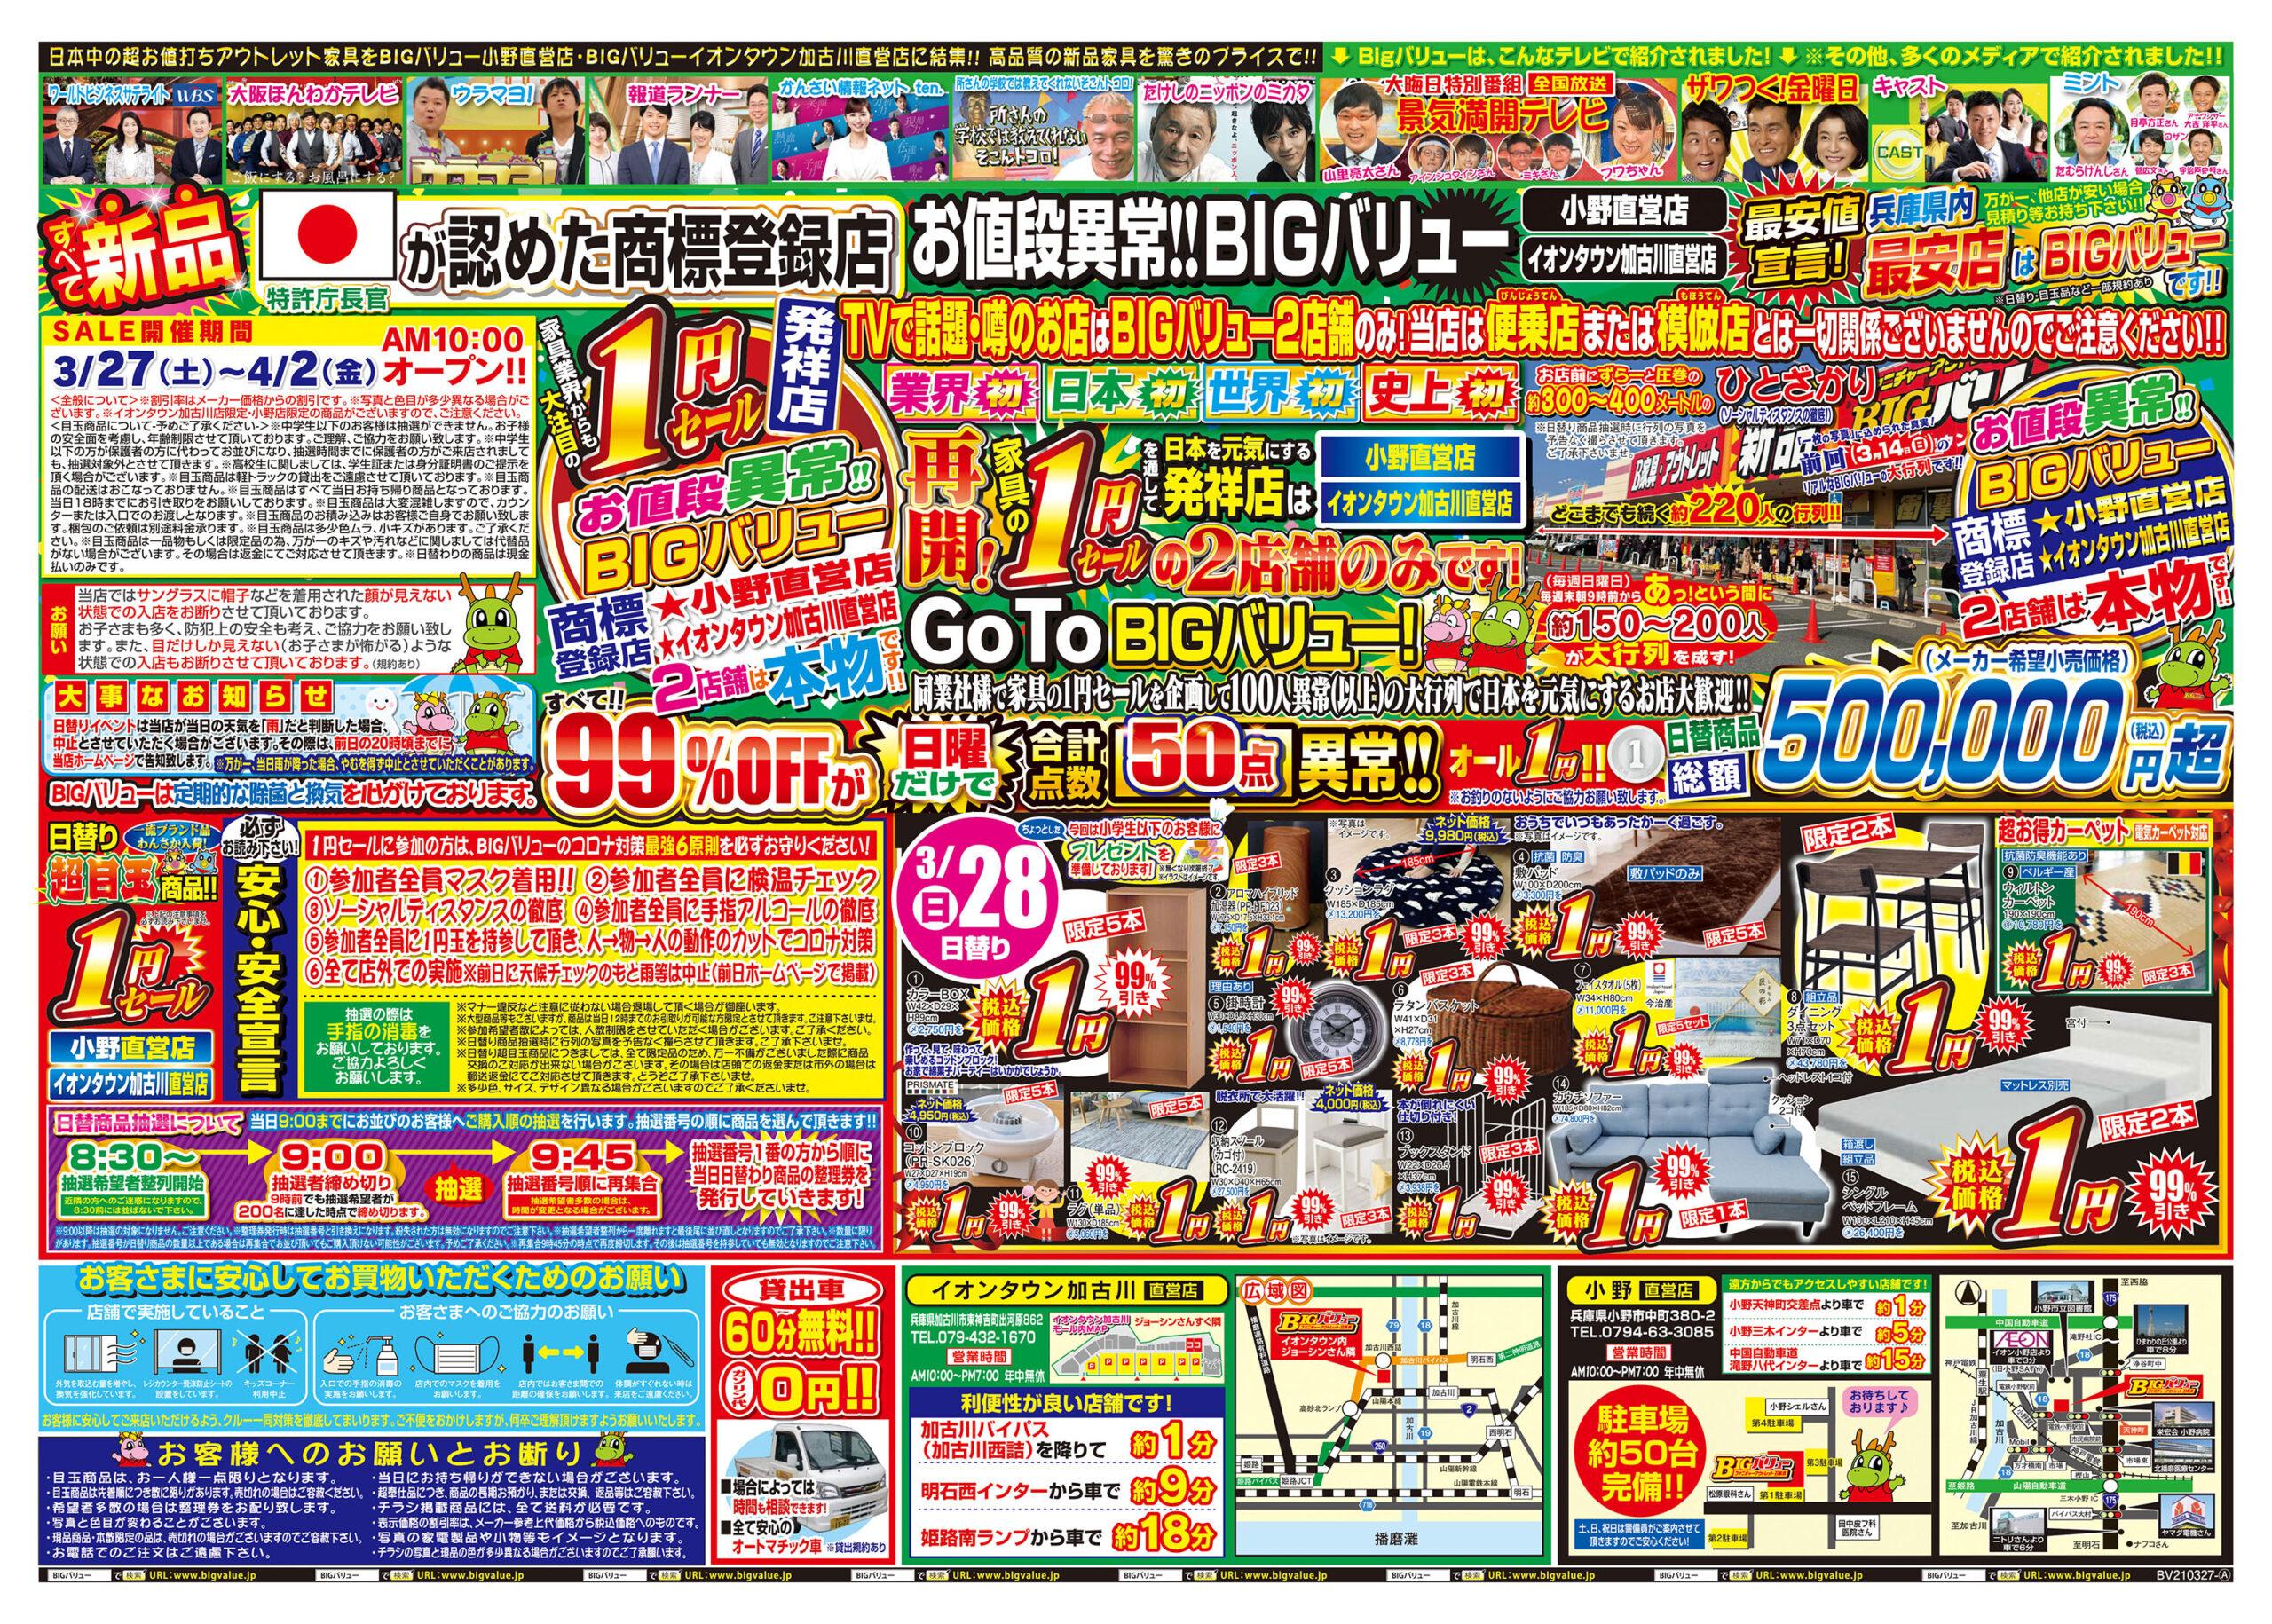 チラシ情報2021年3月27日~4月2日 小野店/イオンタウン加古川店